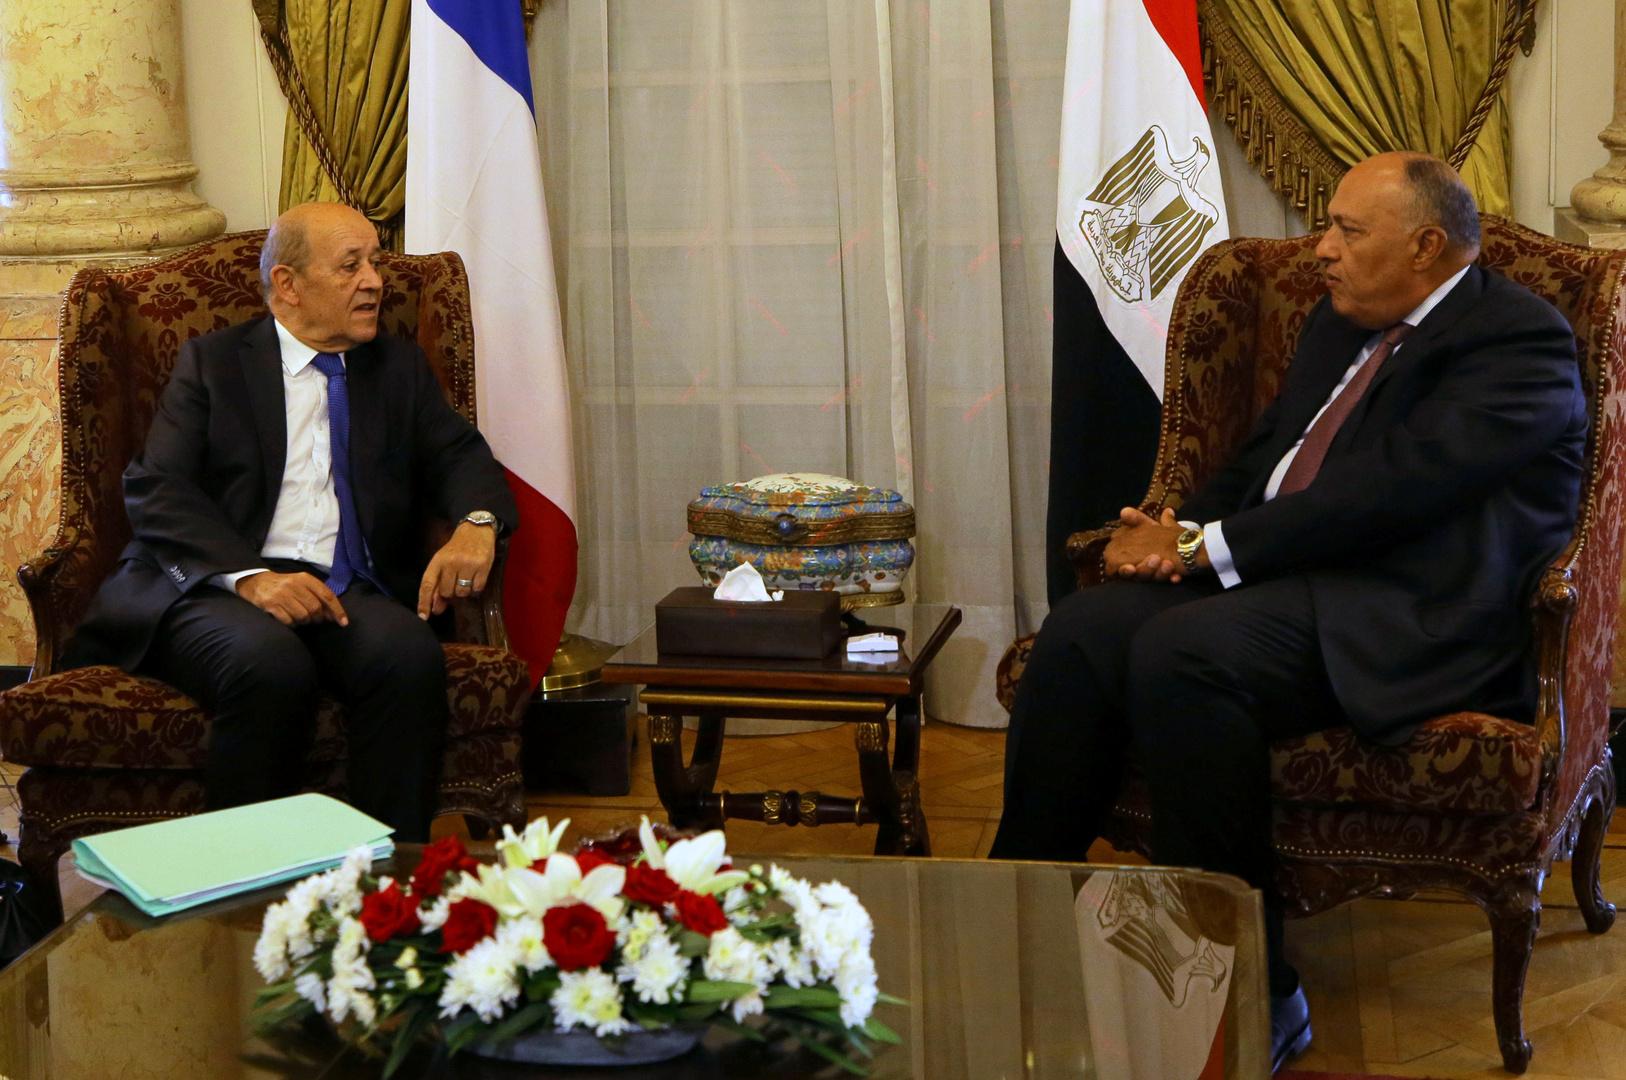 مصر وفرنسا تؤكدان عدم مشروعية توقيع السراج مذكرتي التفاهم مع تركيا